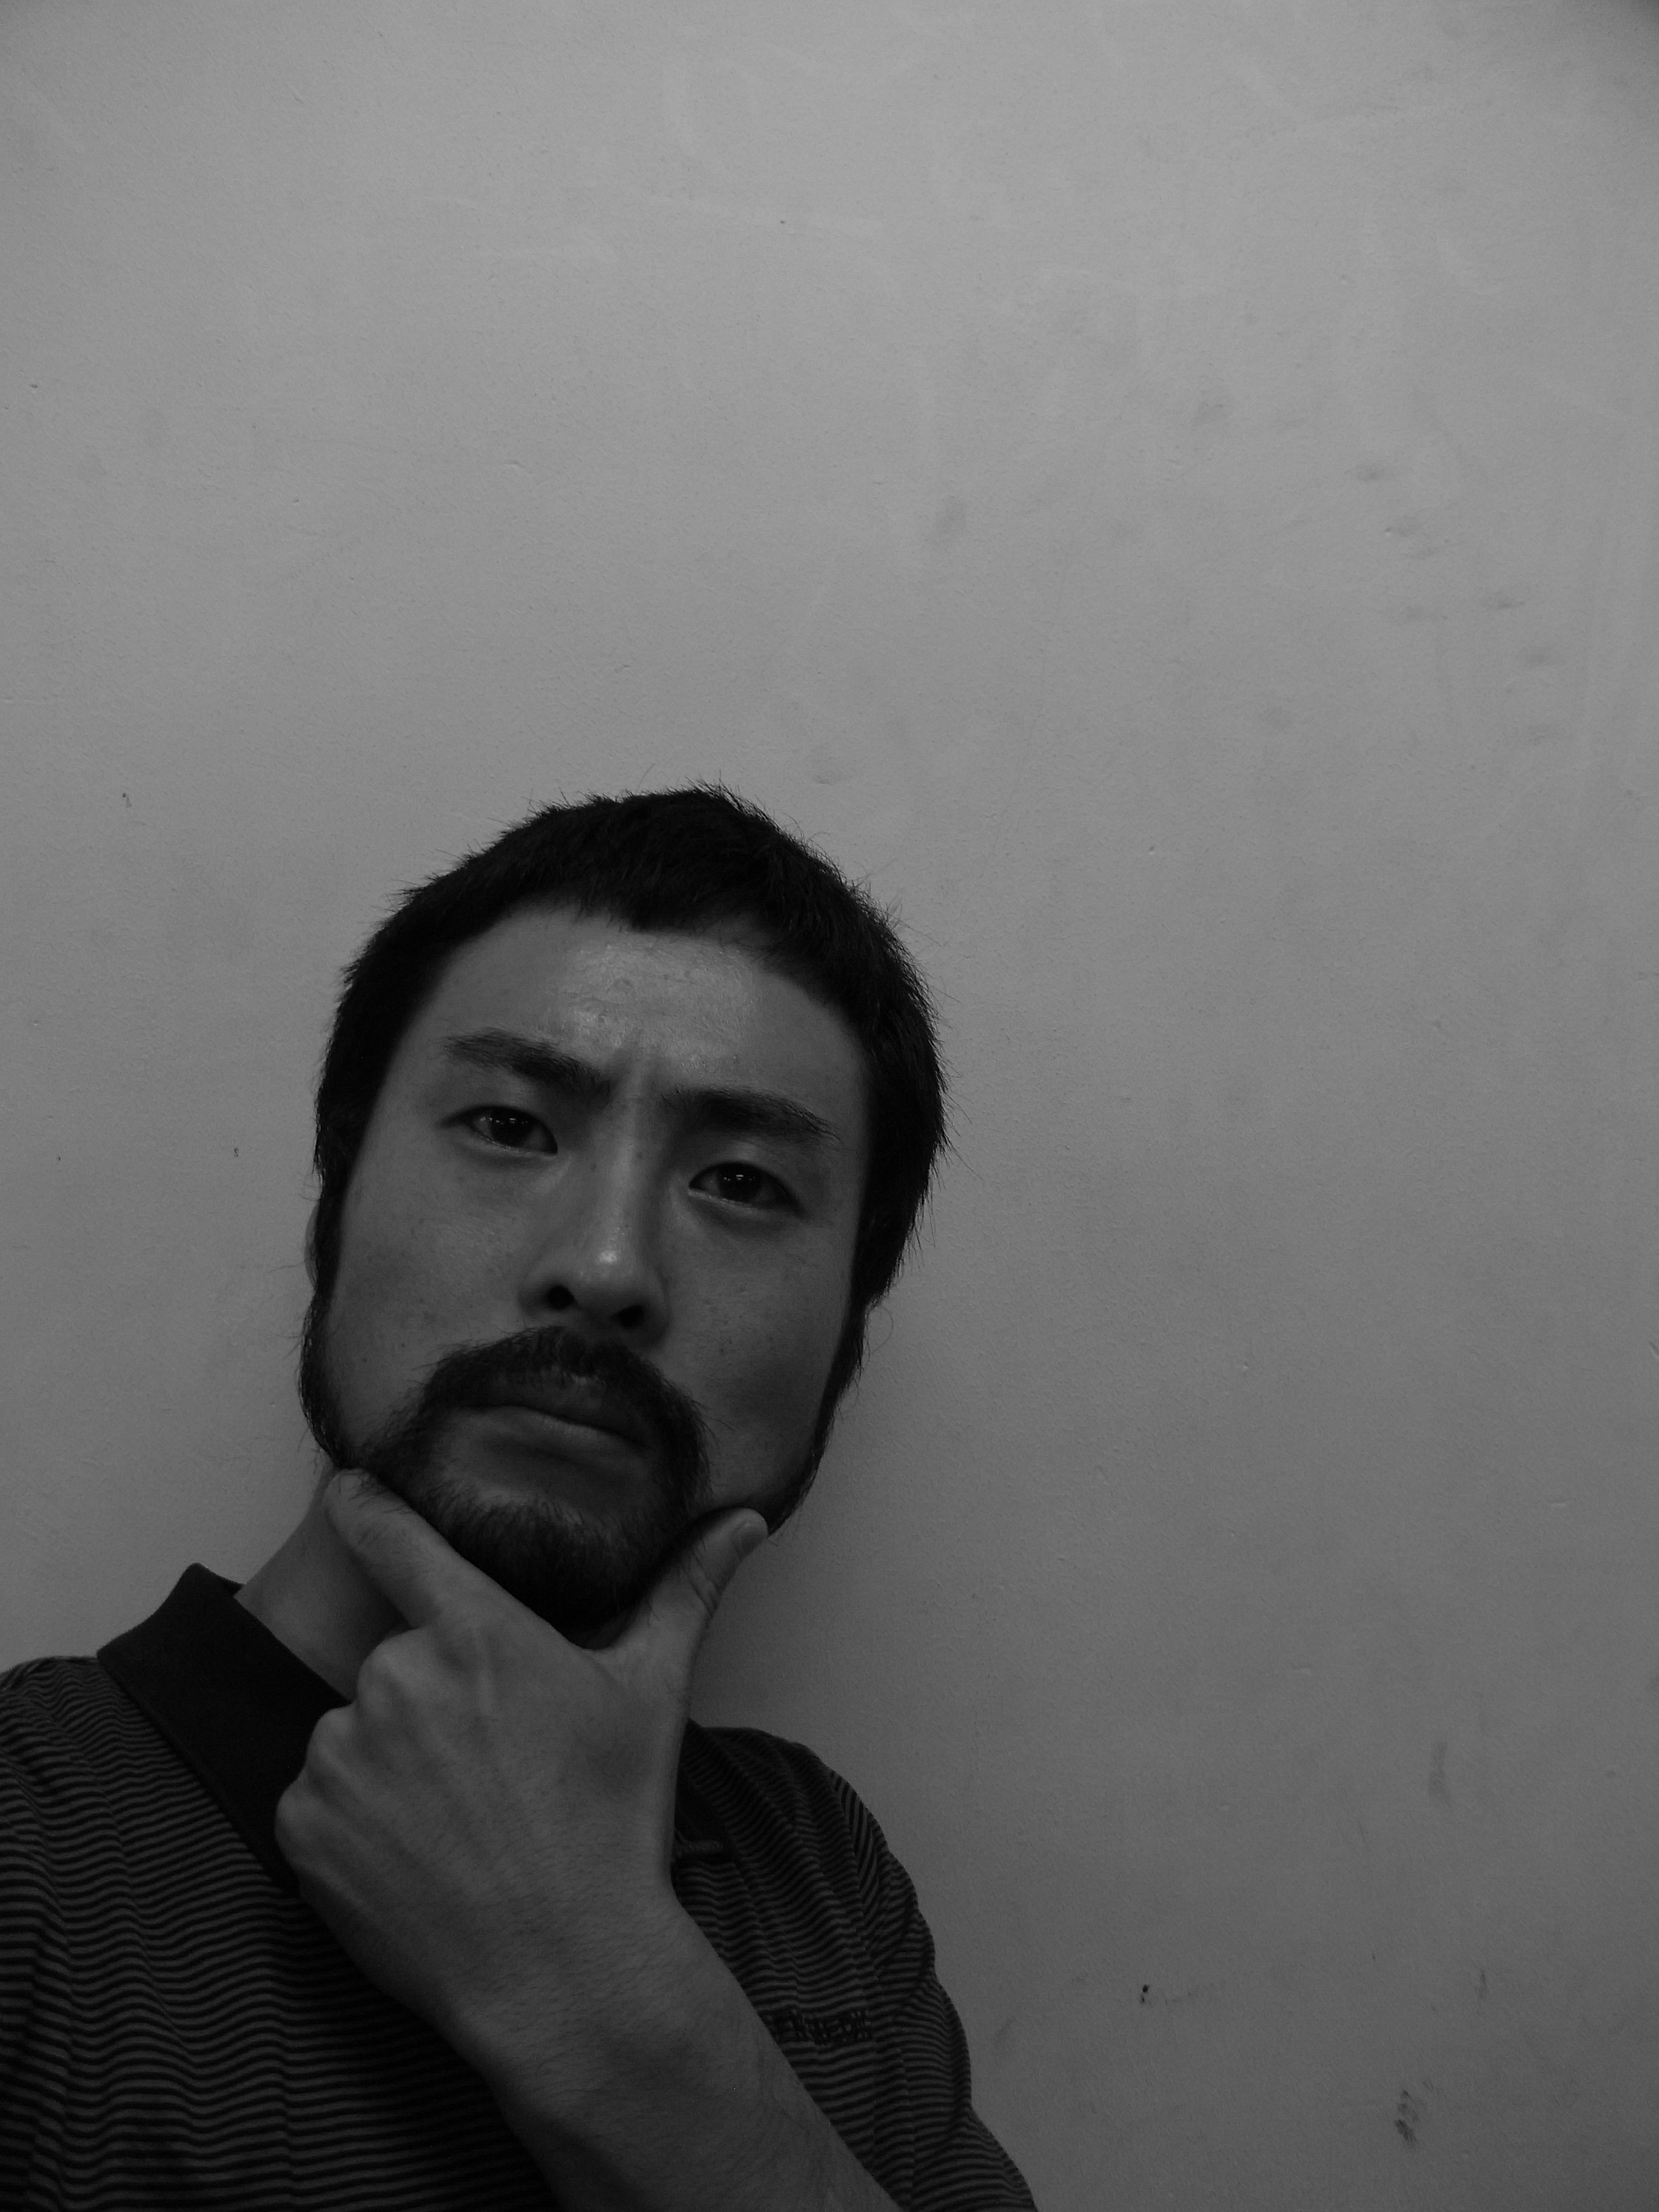 http://hacchi.jp/blog/upload/images/20130826-3.JPG